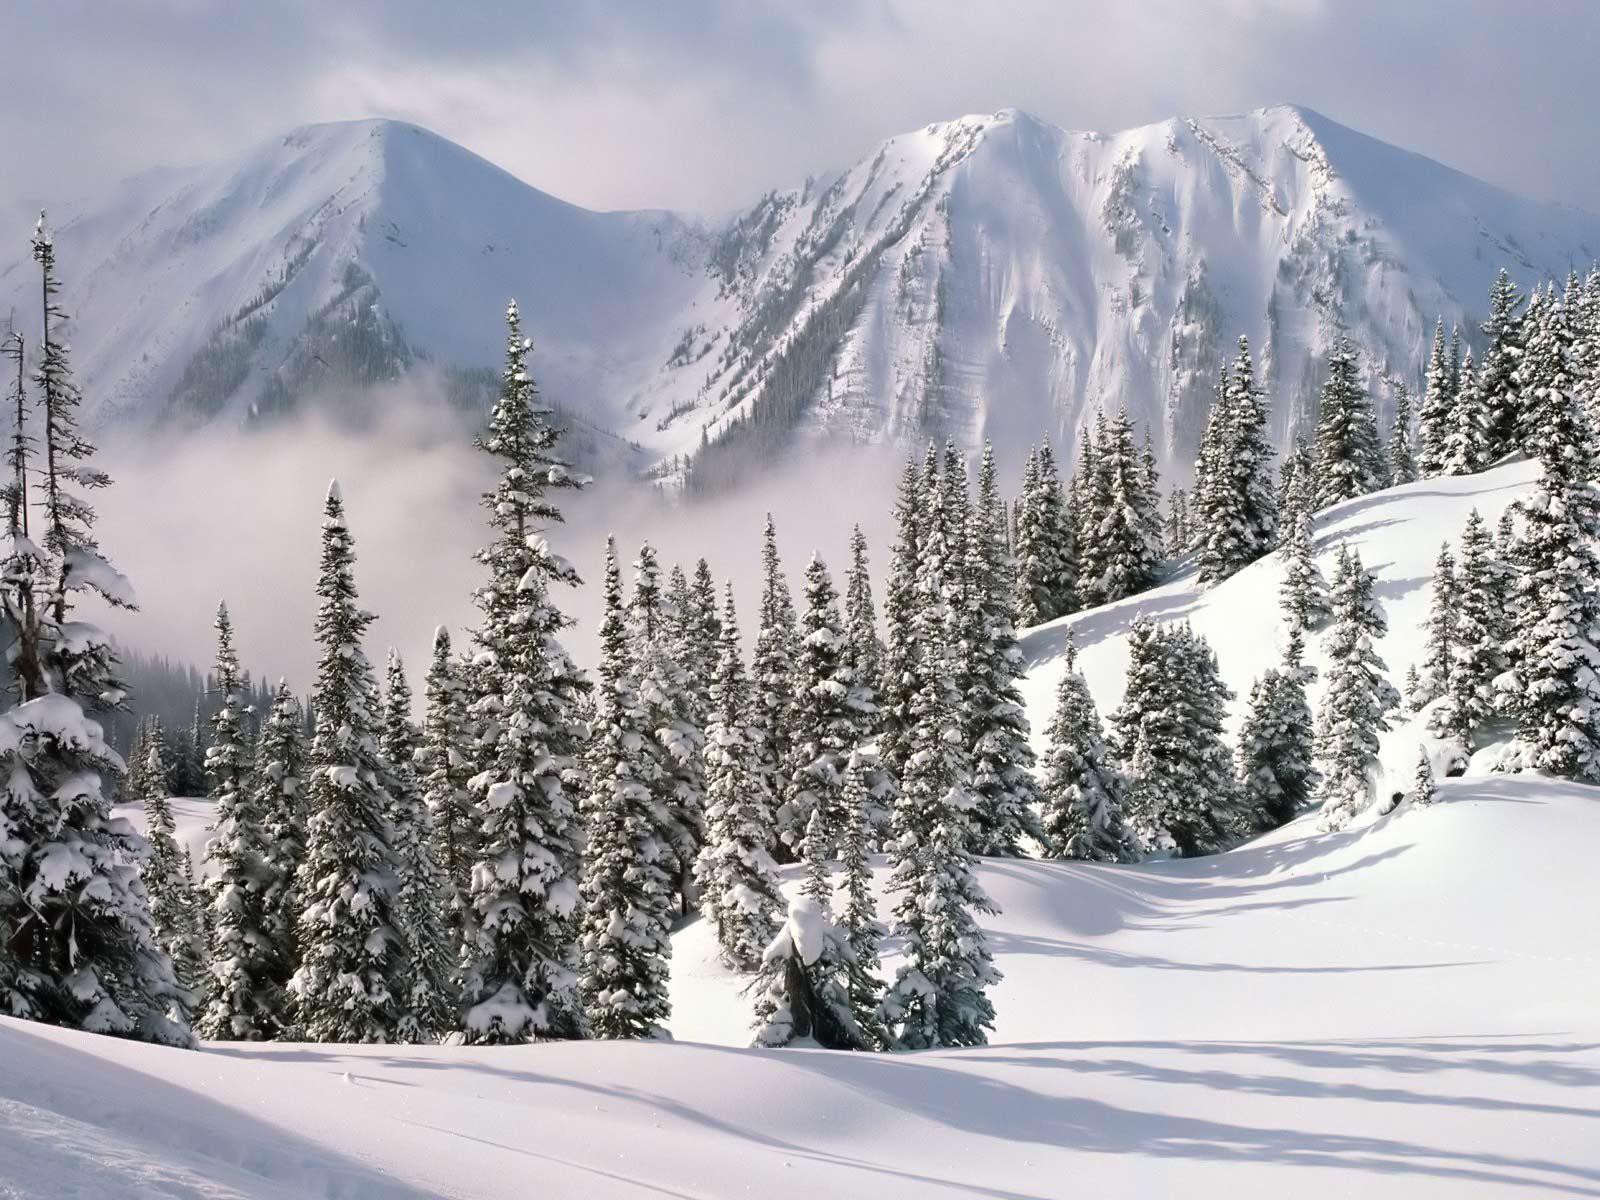 helga weaver winter scene hd